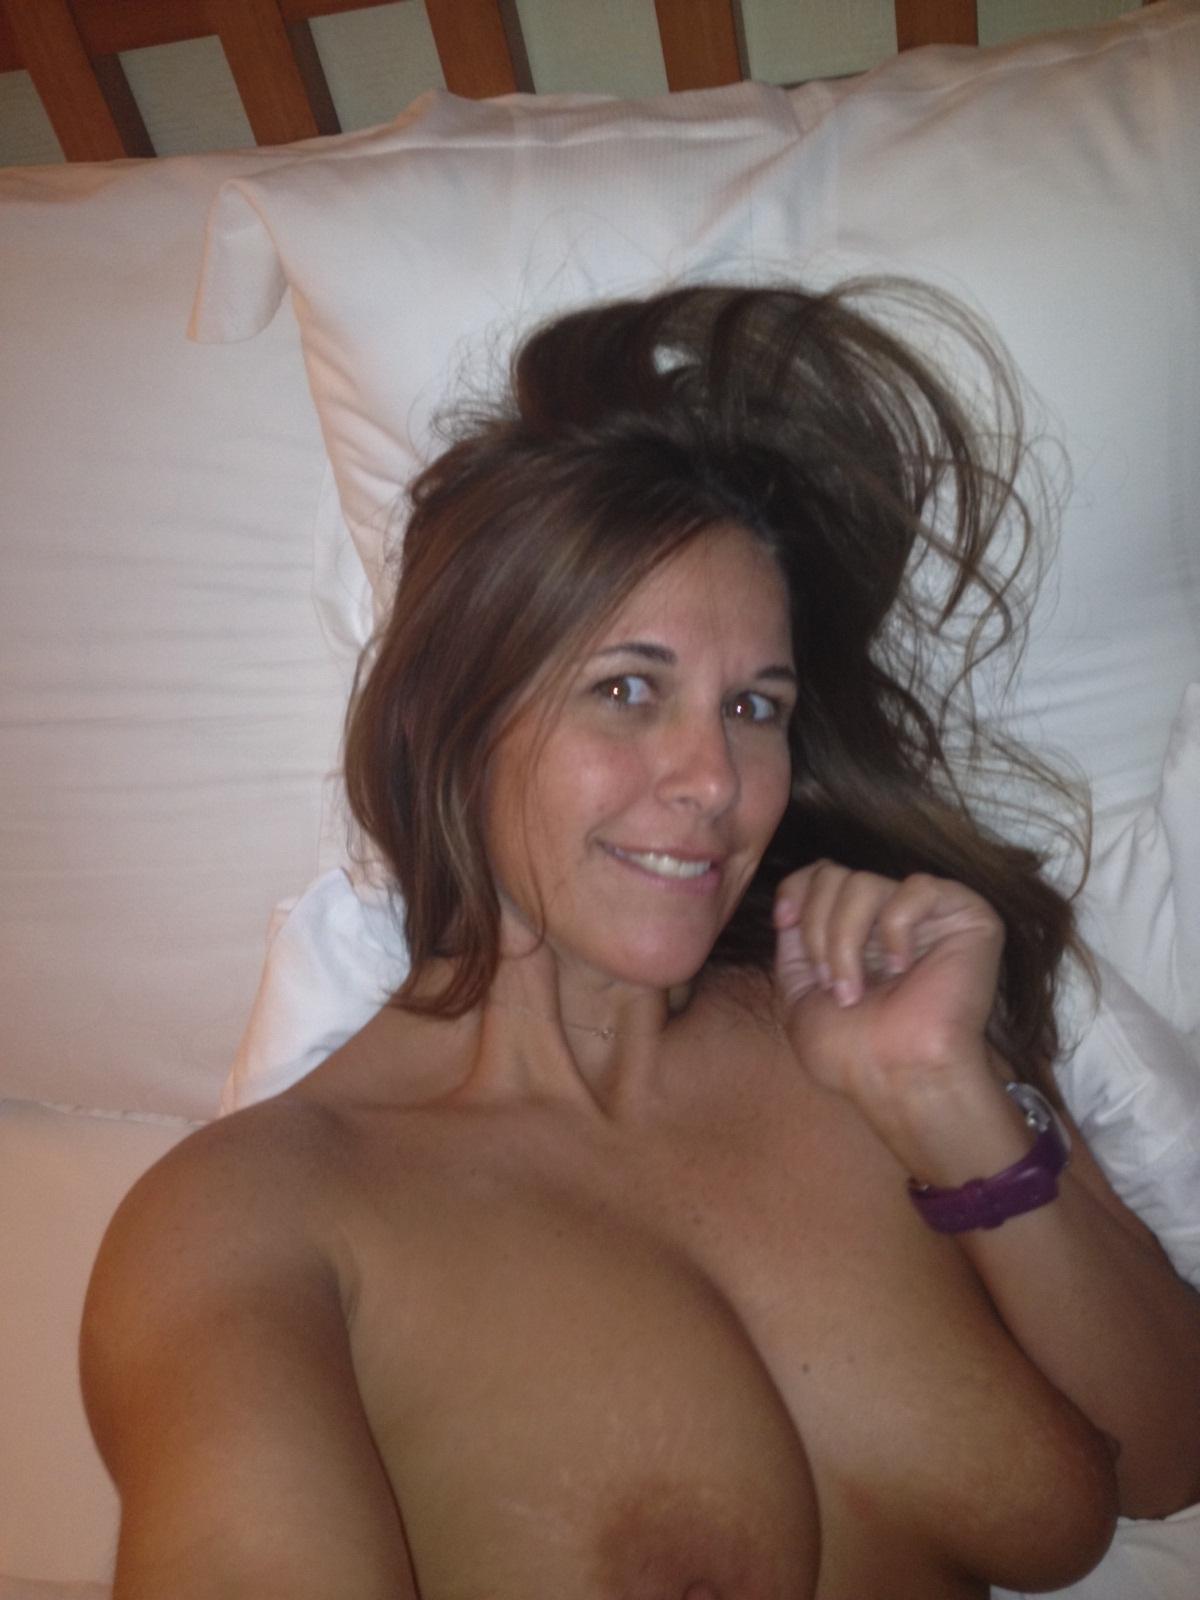 Сексуальные дамочки с сиськами находятся дома голышом 16 фото